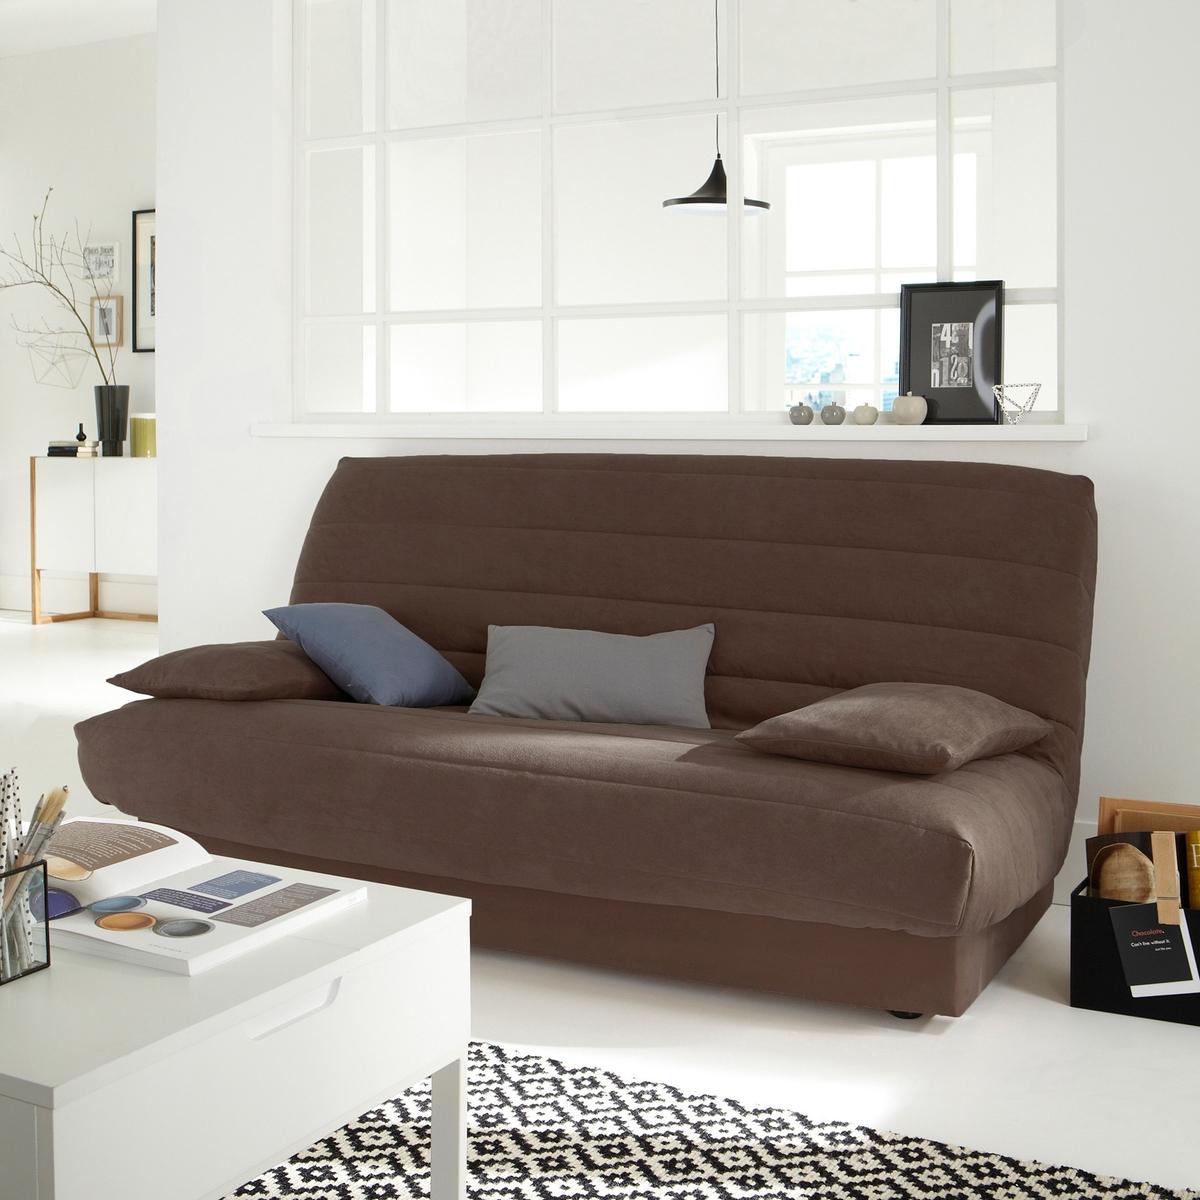 Чехол LaRedoute Для раскладного дивана из искусственной замши единый размер каштановый